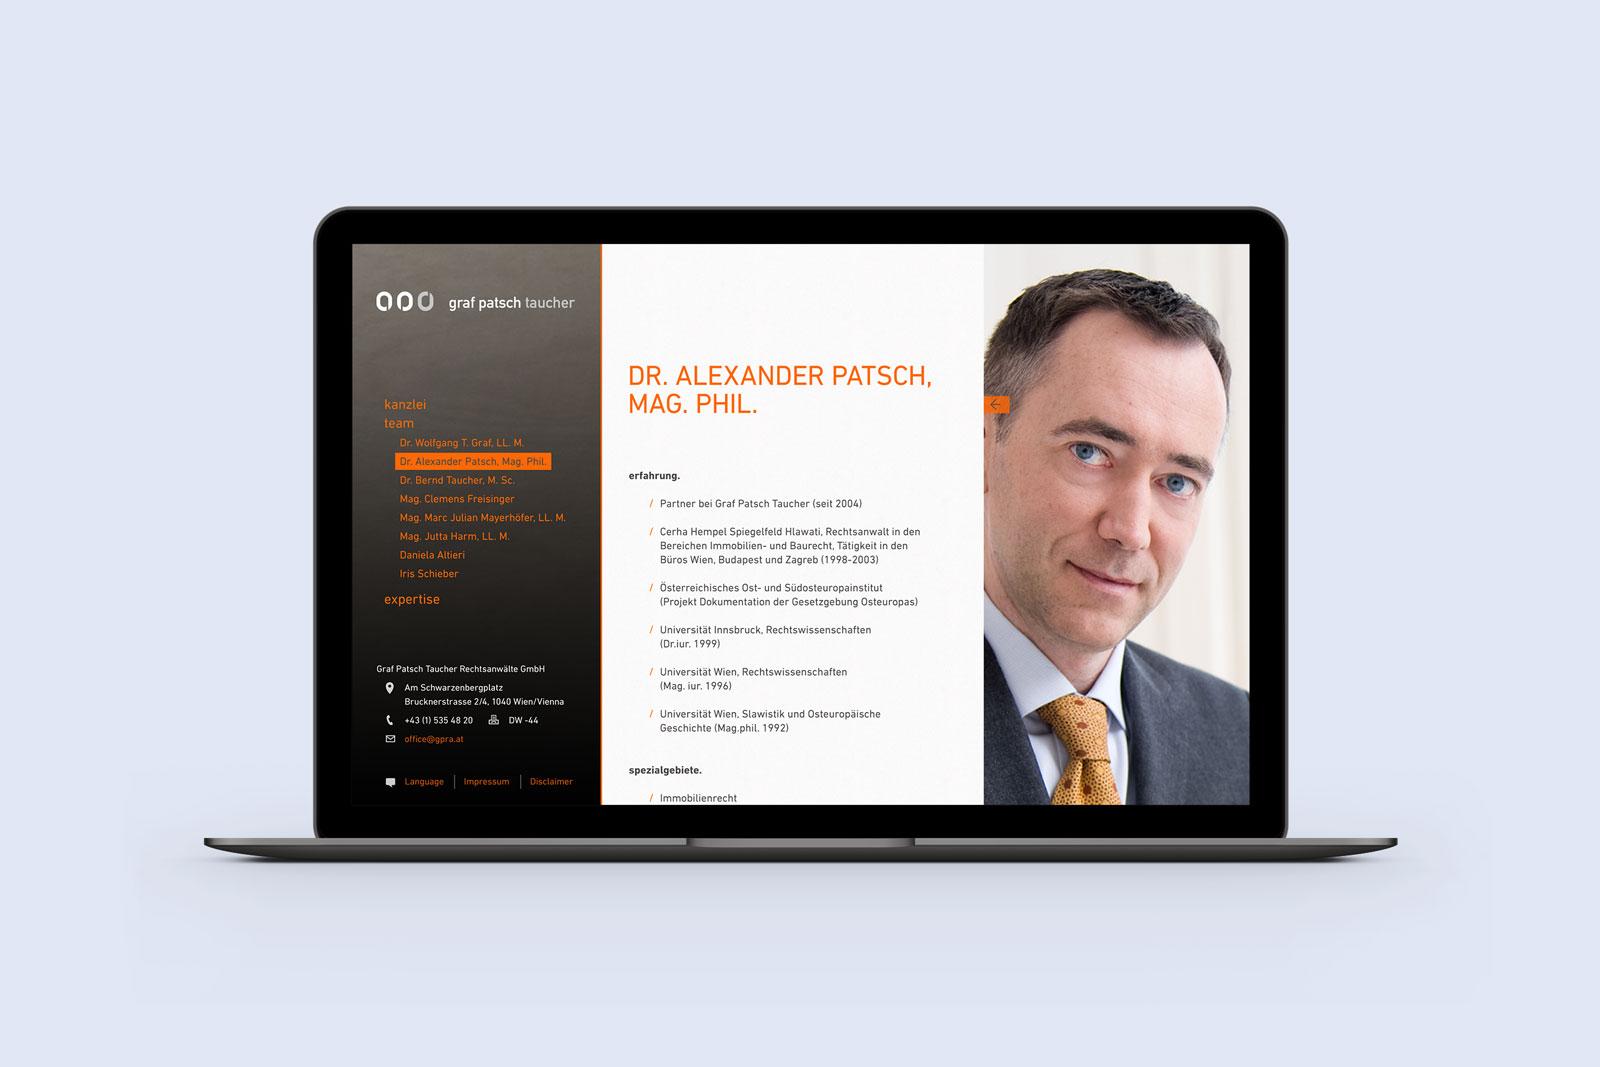 Graf Patsch Taucher Rechtsanwaelte Mac Book 2